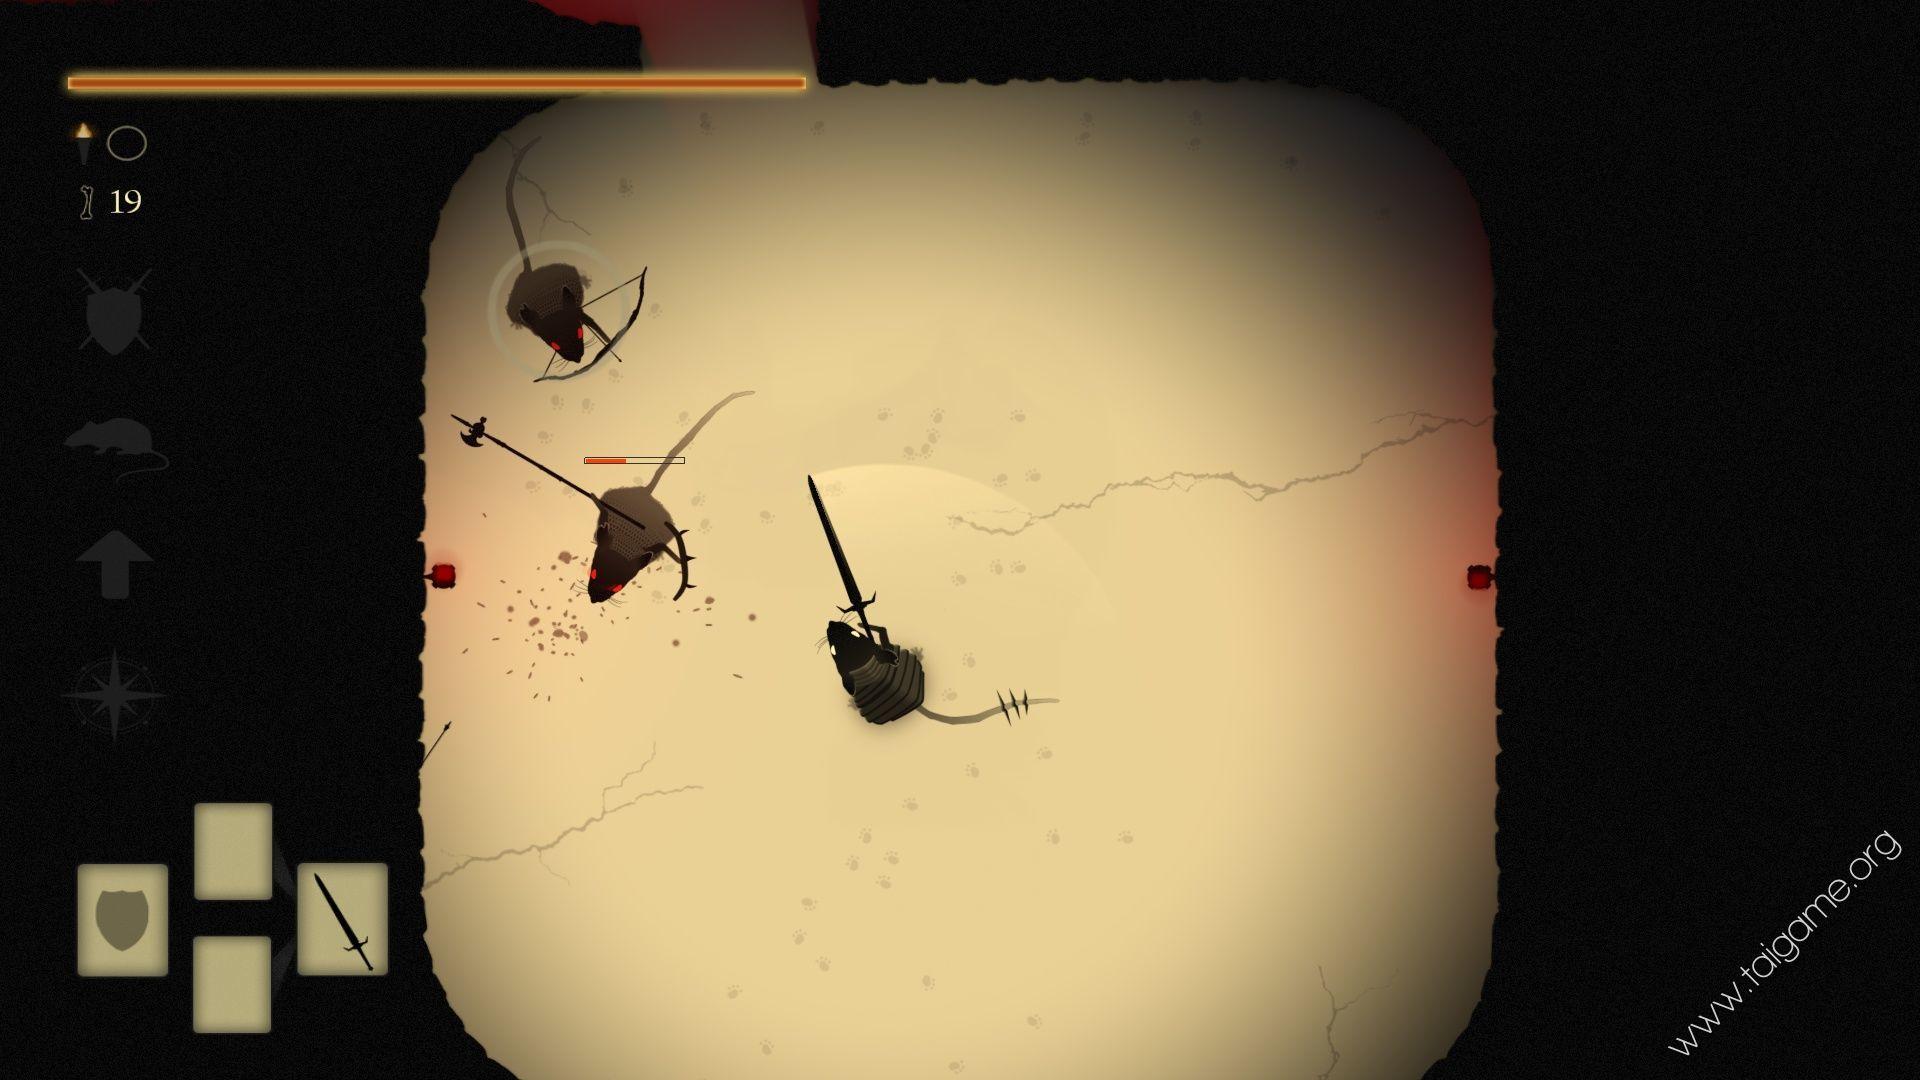 DarkMaus - Download Free Full Games | Arcade & Action games